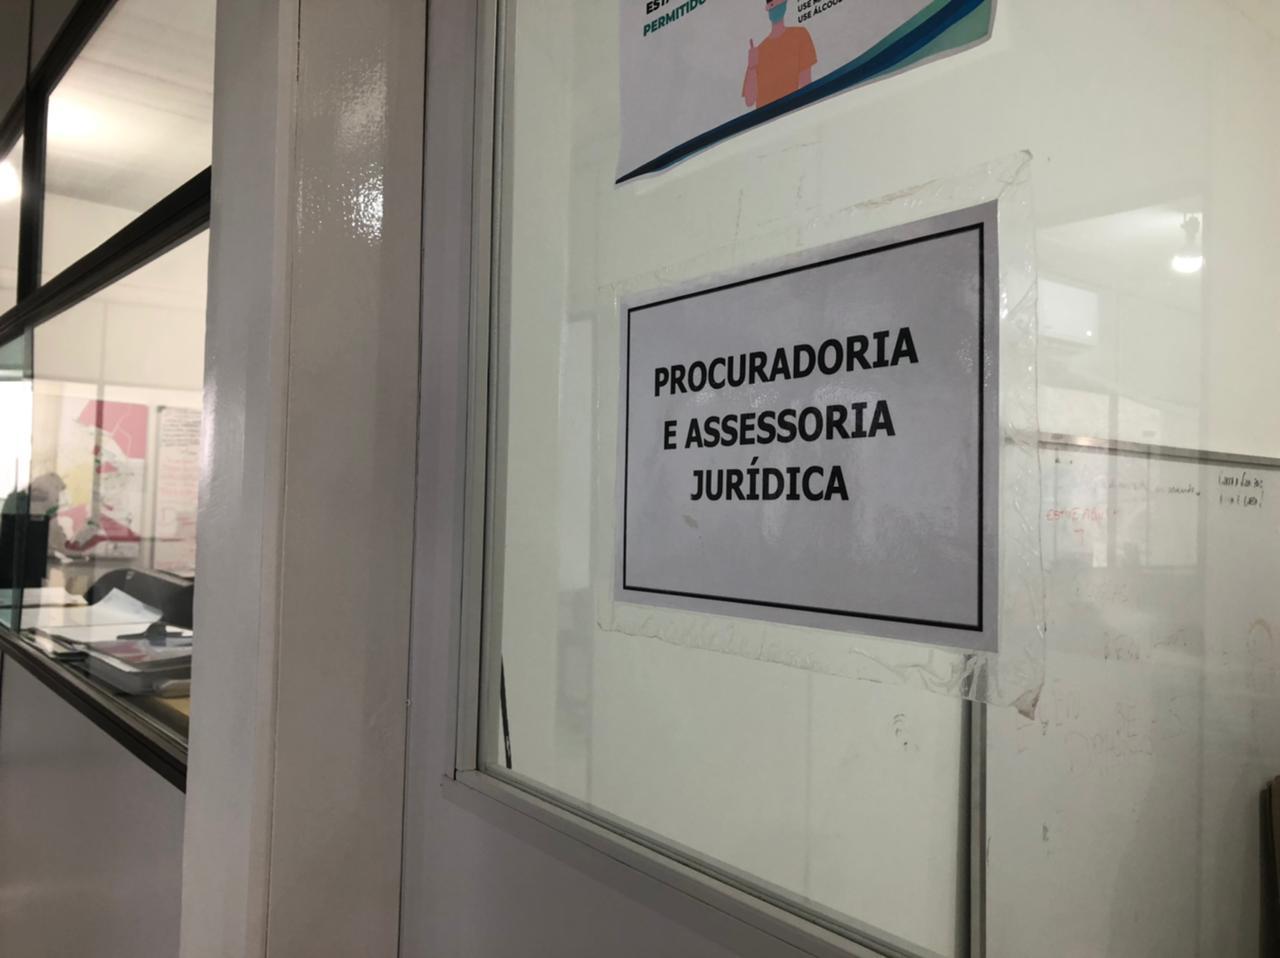 Procuradores de Não-Me-Toque receberam mais de R$ 150 mil em honorários de sucumbência, além do salário